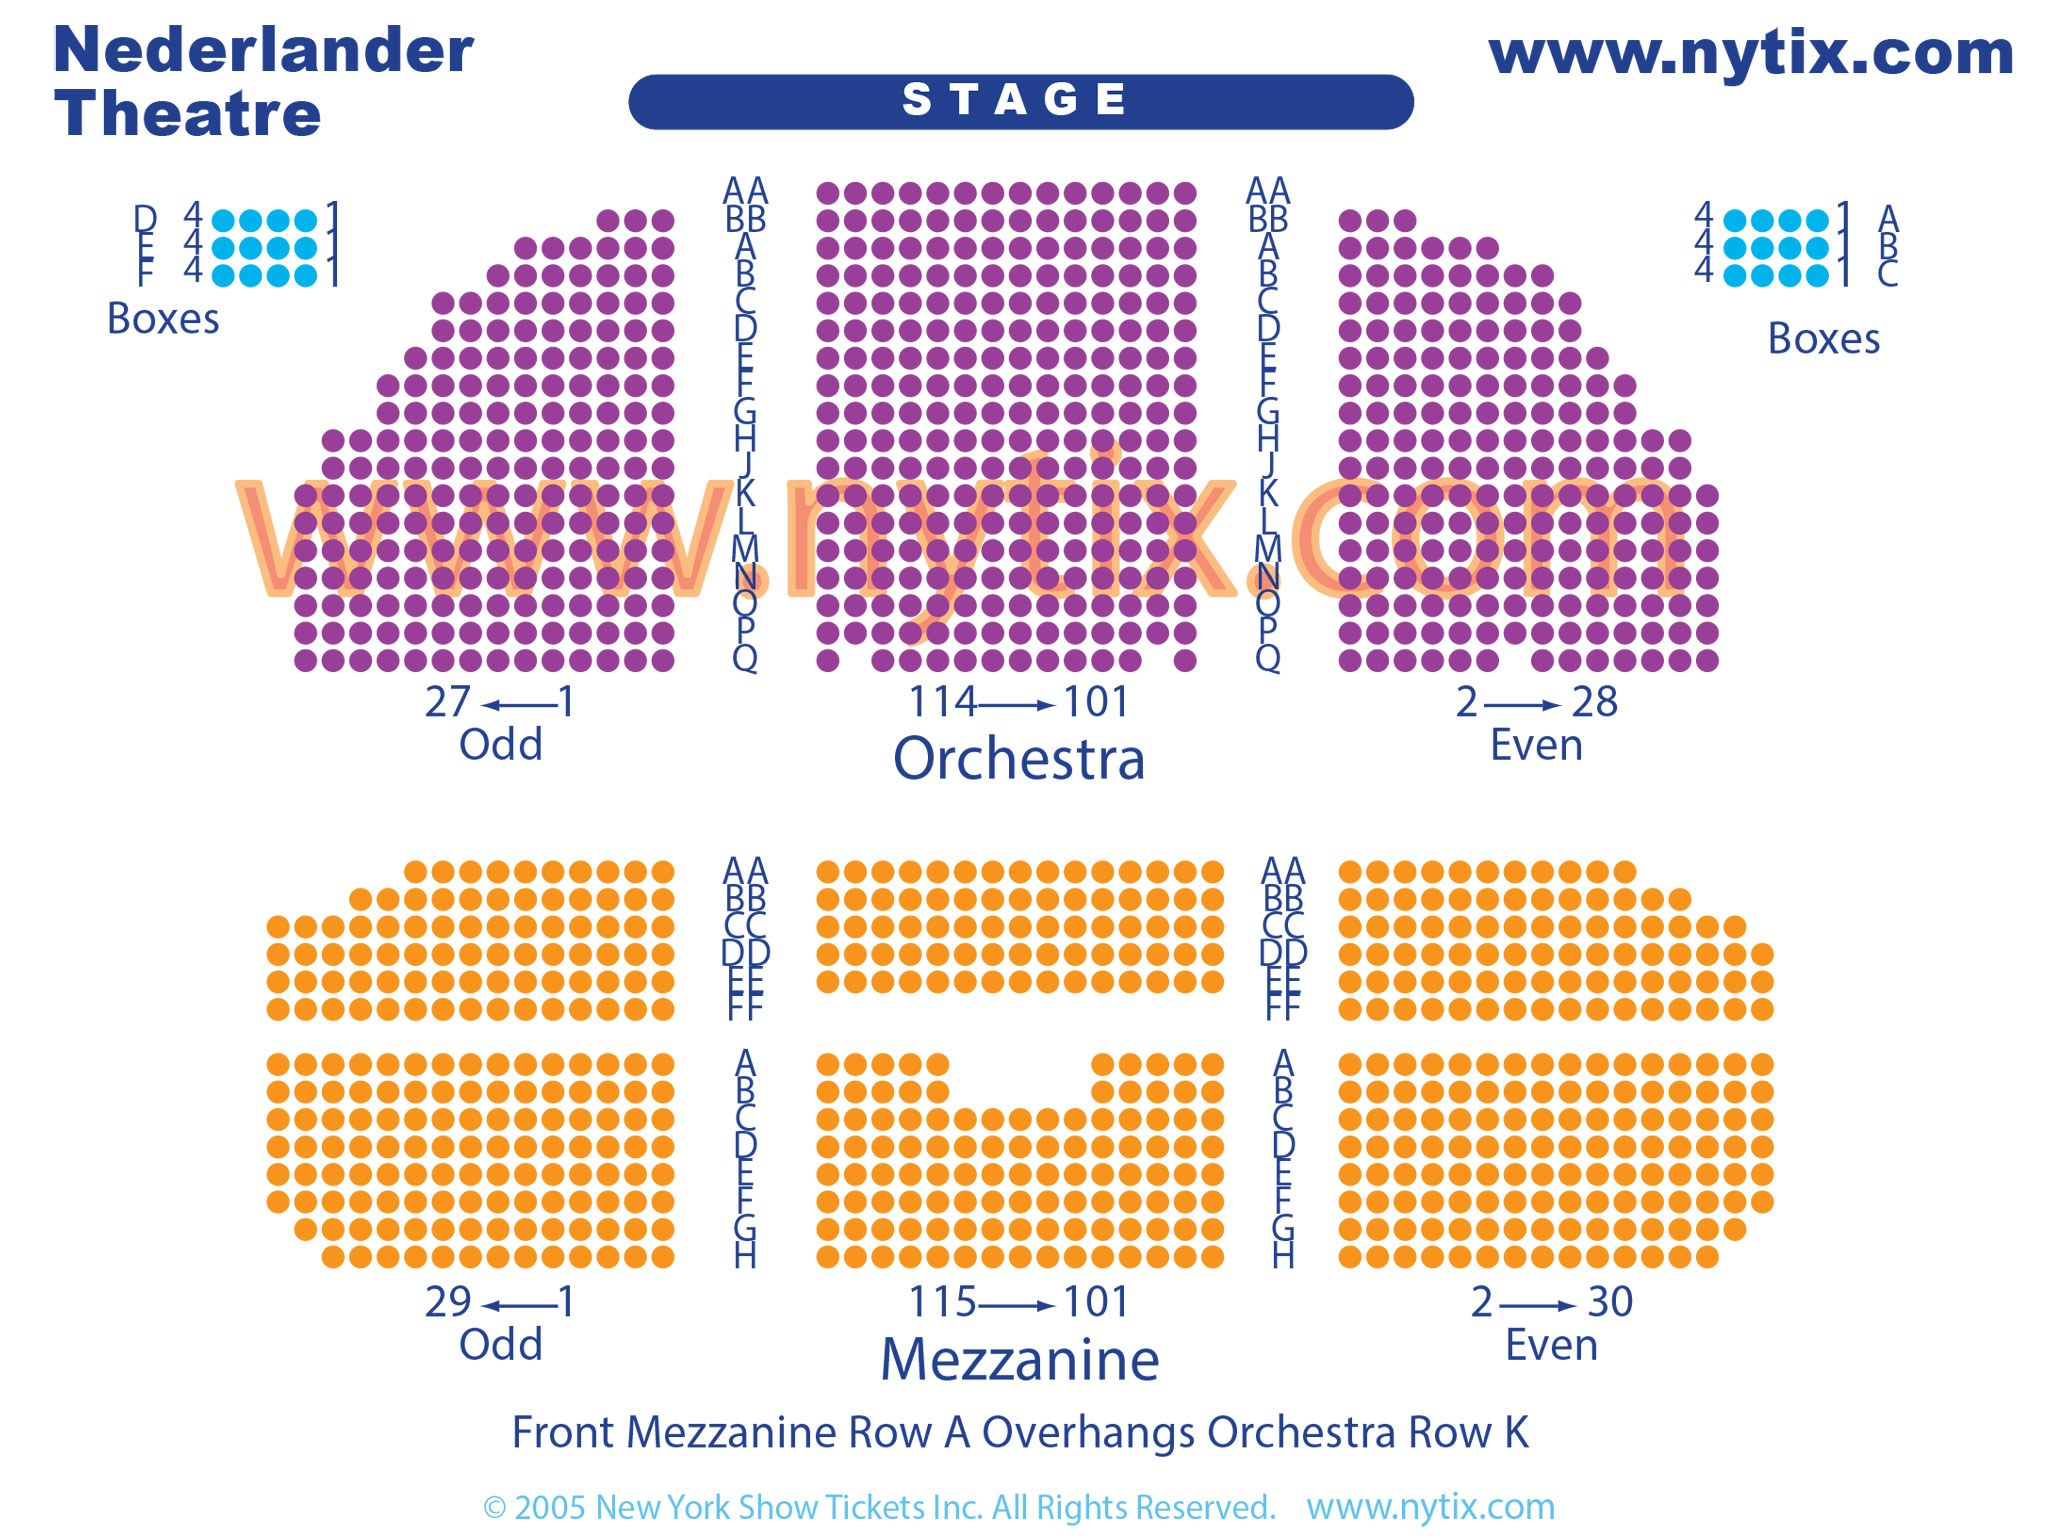 Nederlander Theatre Seating Chart